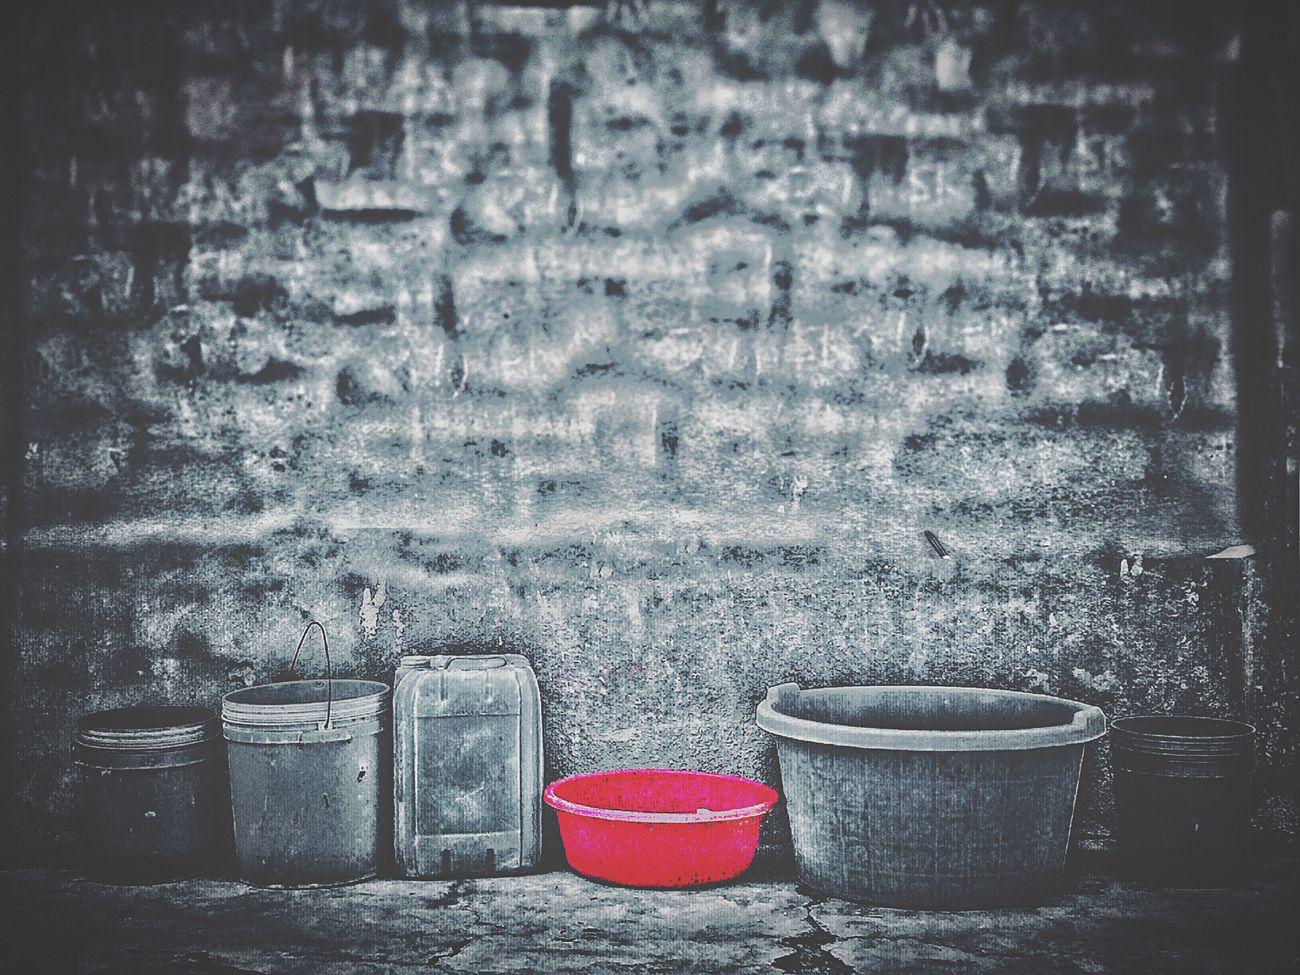 IPhoneography Bucket No People Indoors  Day Africa African Life Buckets Washer PicArt Picartsstudio The Portraitist - 2017 EyeEm Awards